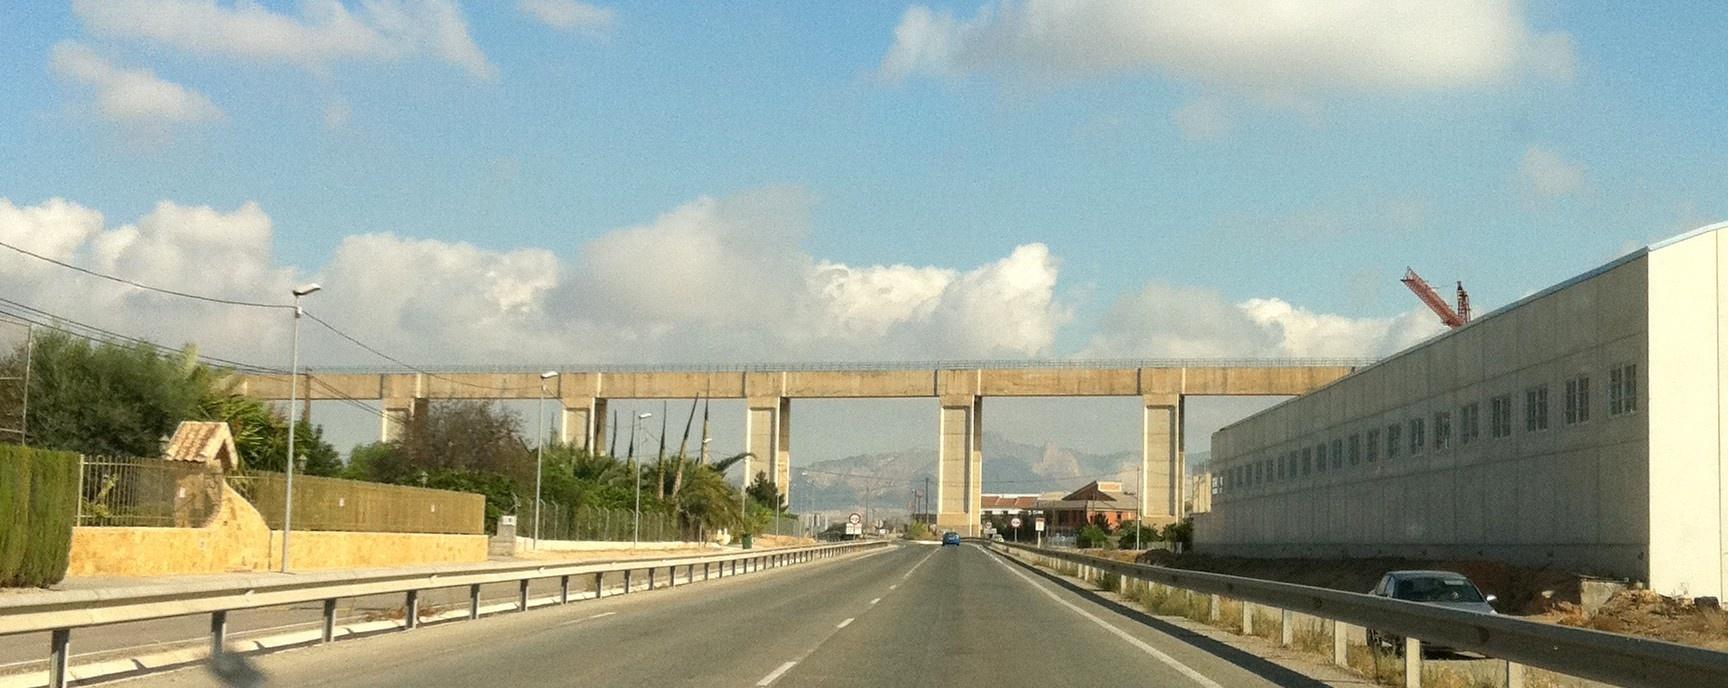 Murcia llegará «hasta últimas consecuencias» en defender a regantes